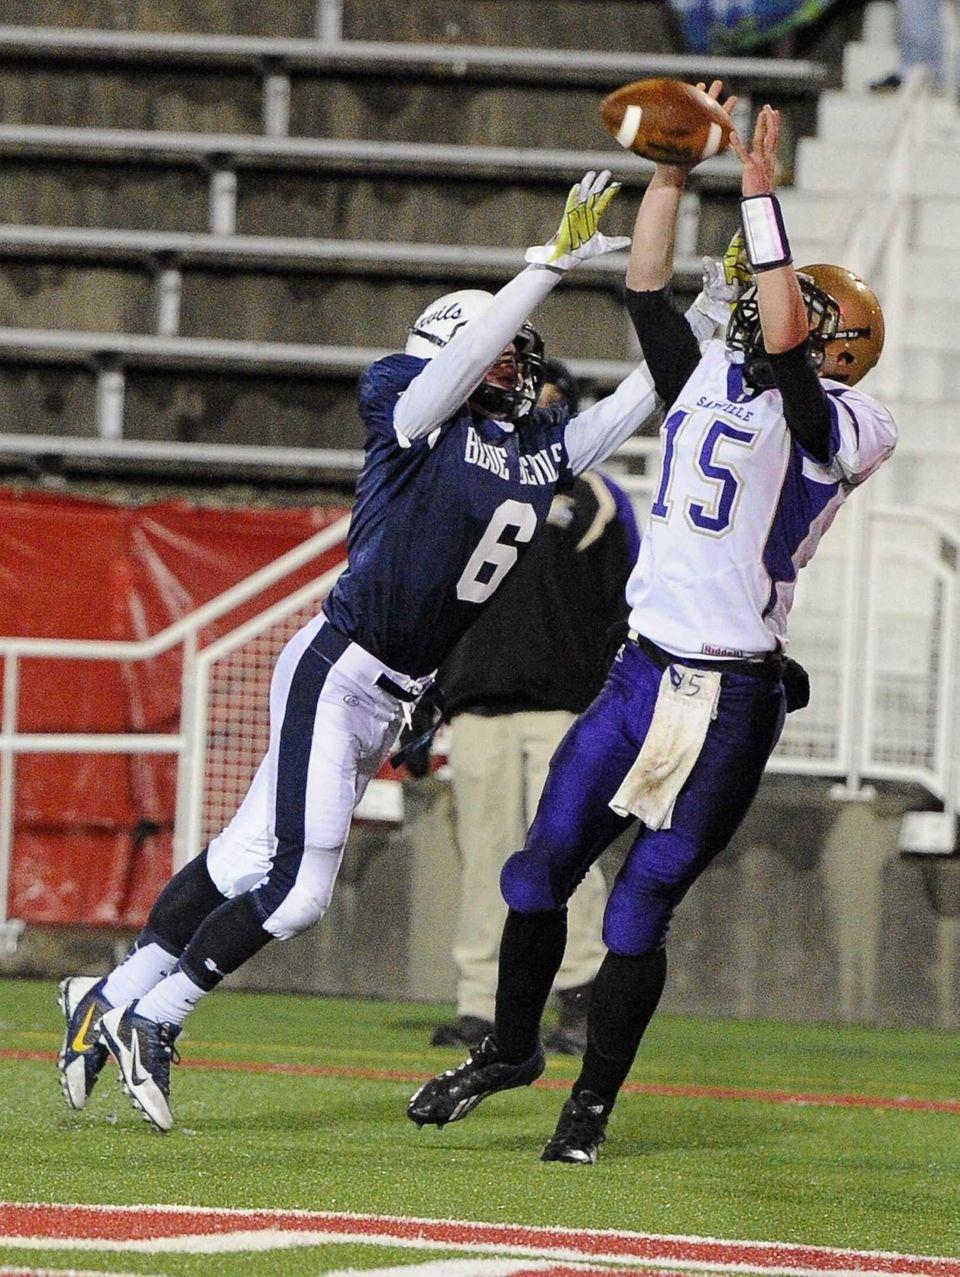 Sayville's Matt Hewson catches the pass for a